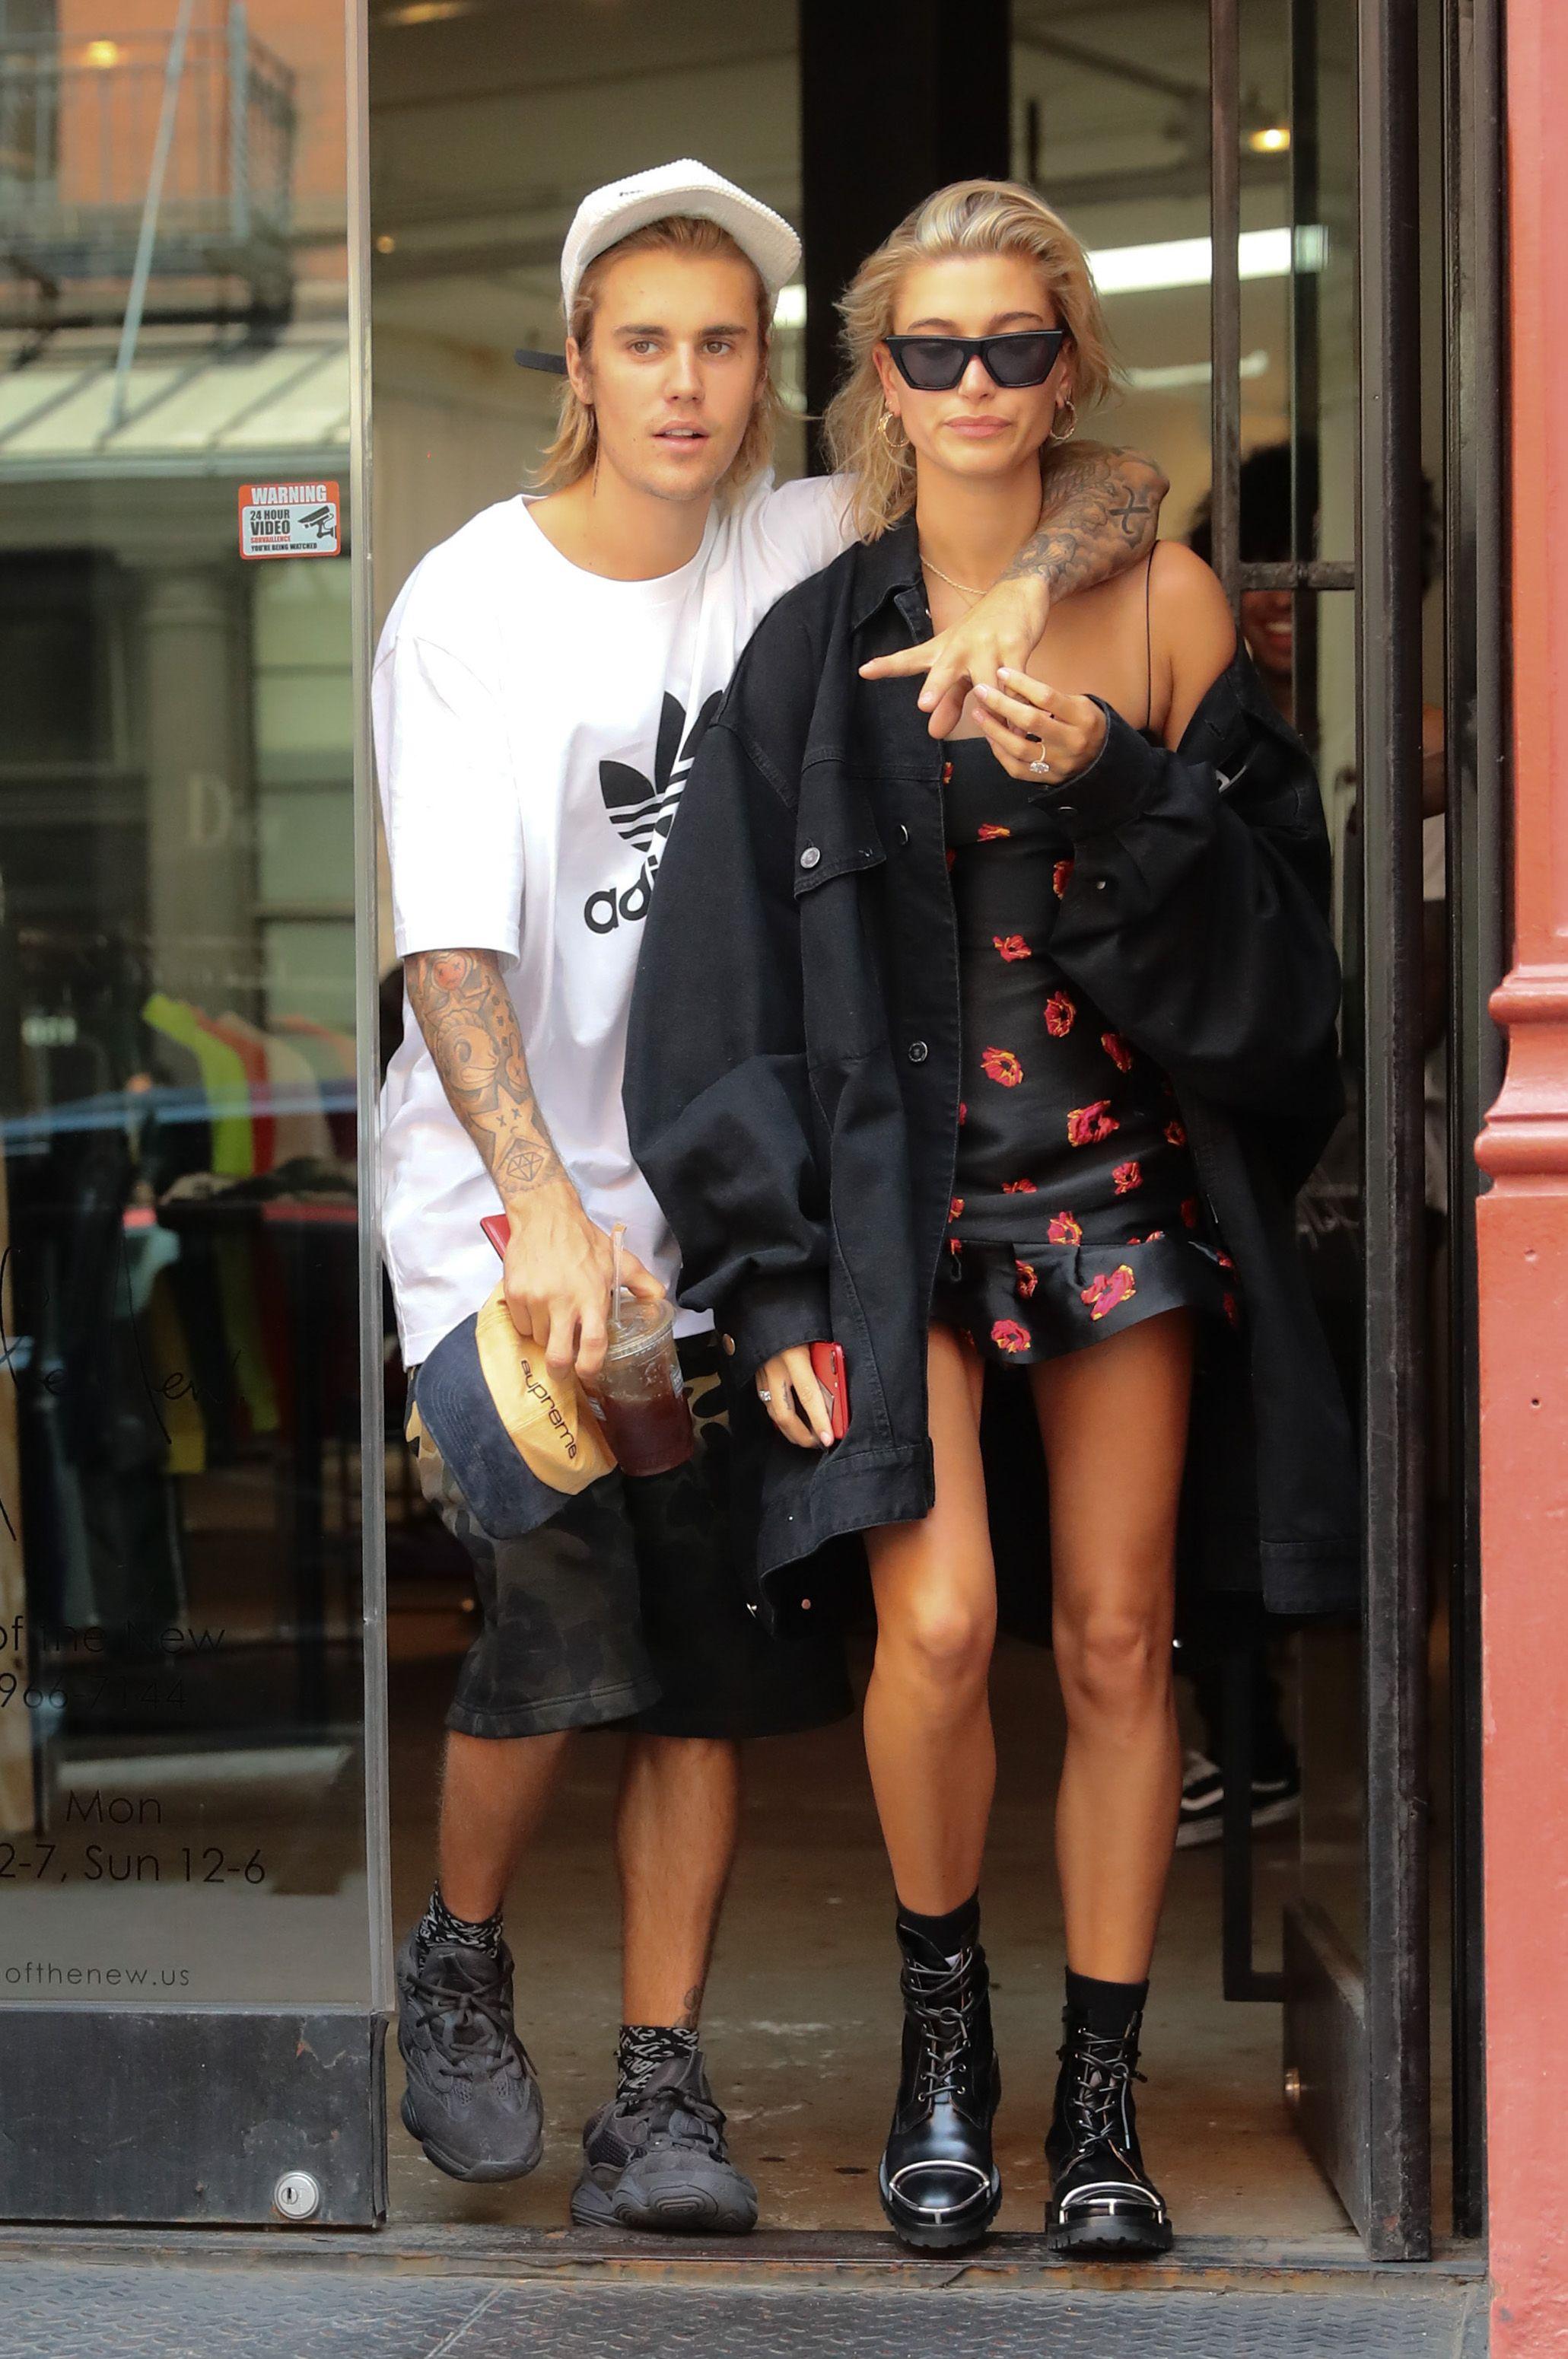 Lo lắng cho Selena Gomez nhưng đã là chồng Hailey, liệu Justin Bieber sẽ hành xử như thế nào?